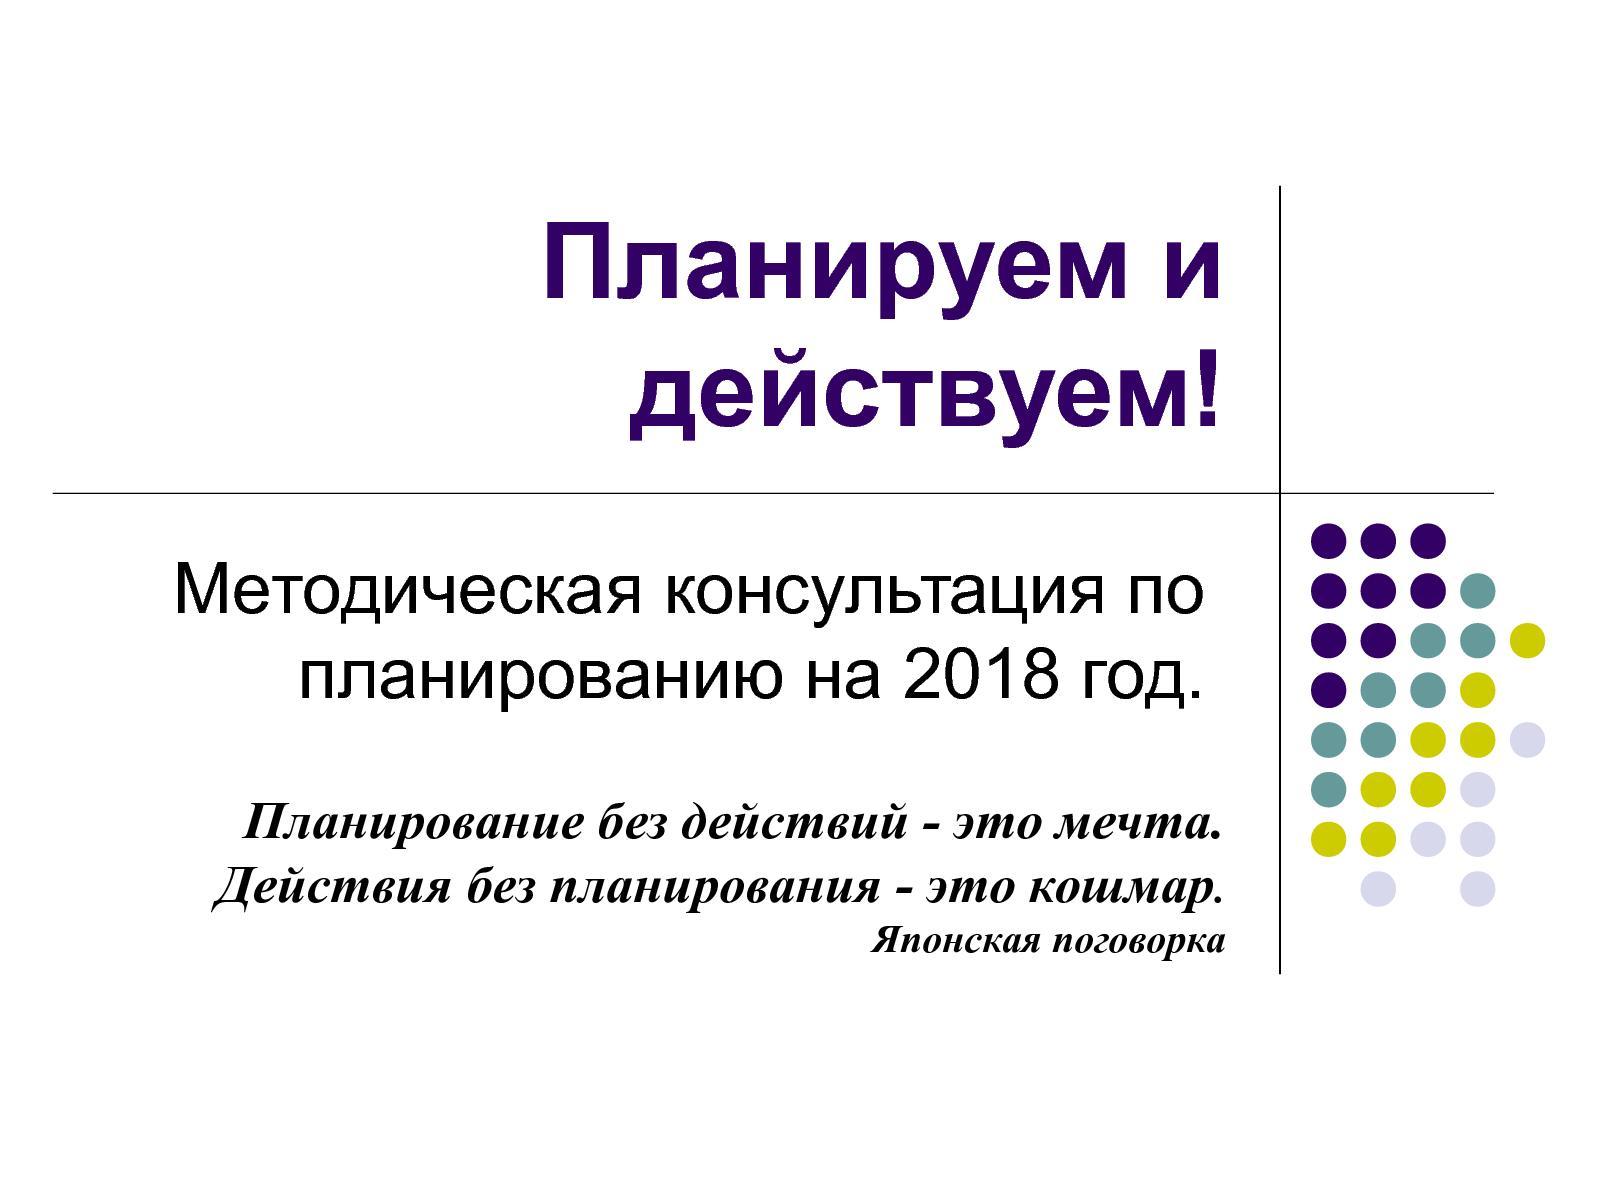 Планирование на 2018 год